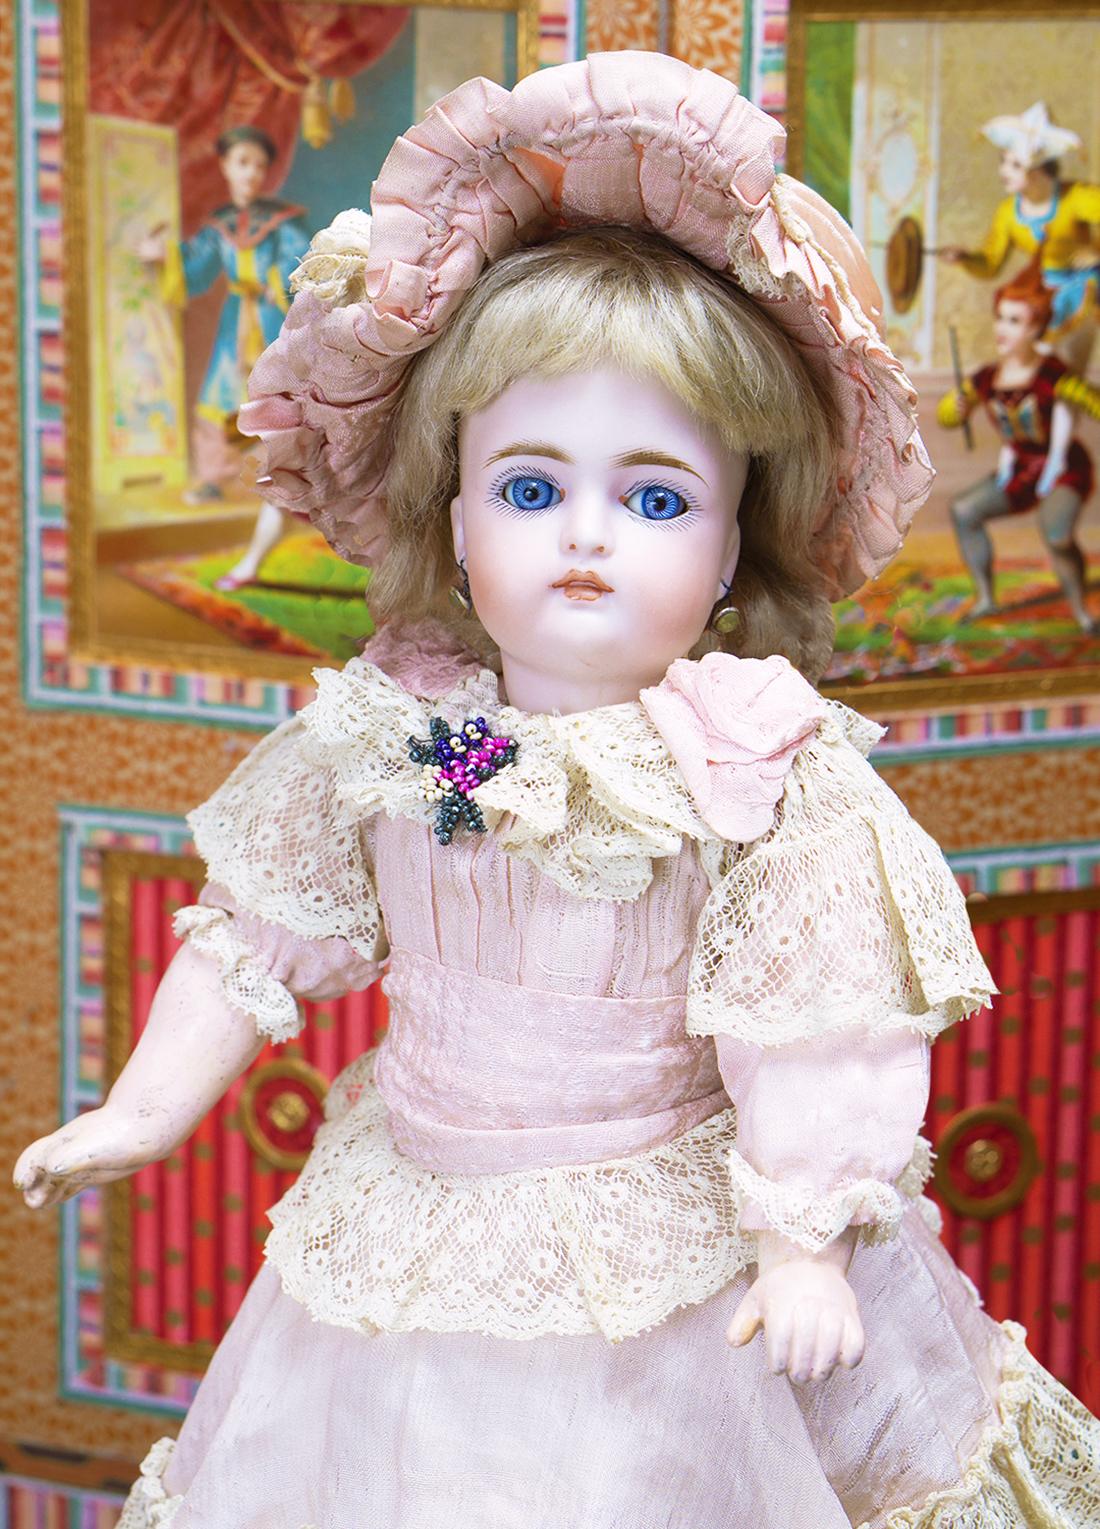 31cм  Редкая Немецкая Куколка фирмы Kammer&Reinhardt, модель 192